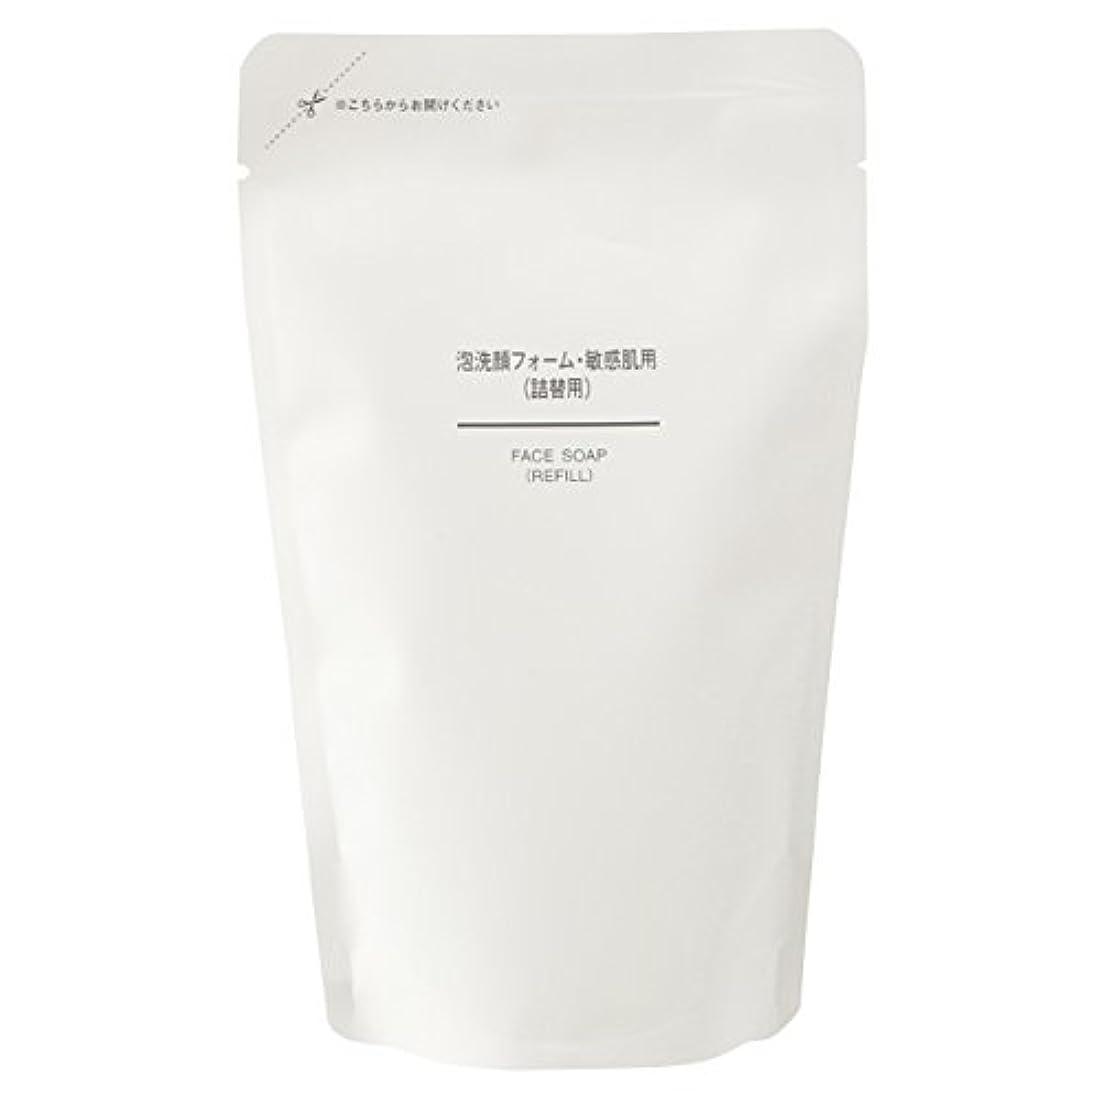 プロット活気づける。無印良品 泡洗顔フォーム 敏感肌用(詰替用) 180ml